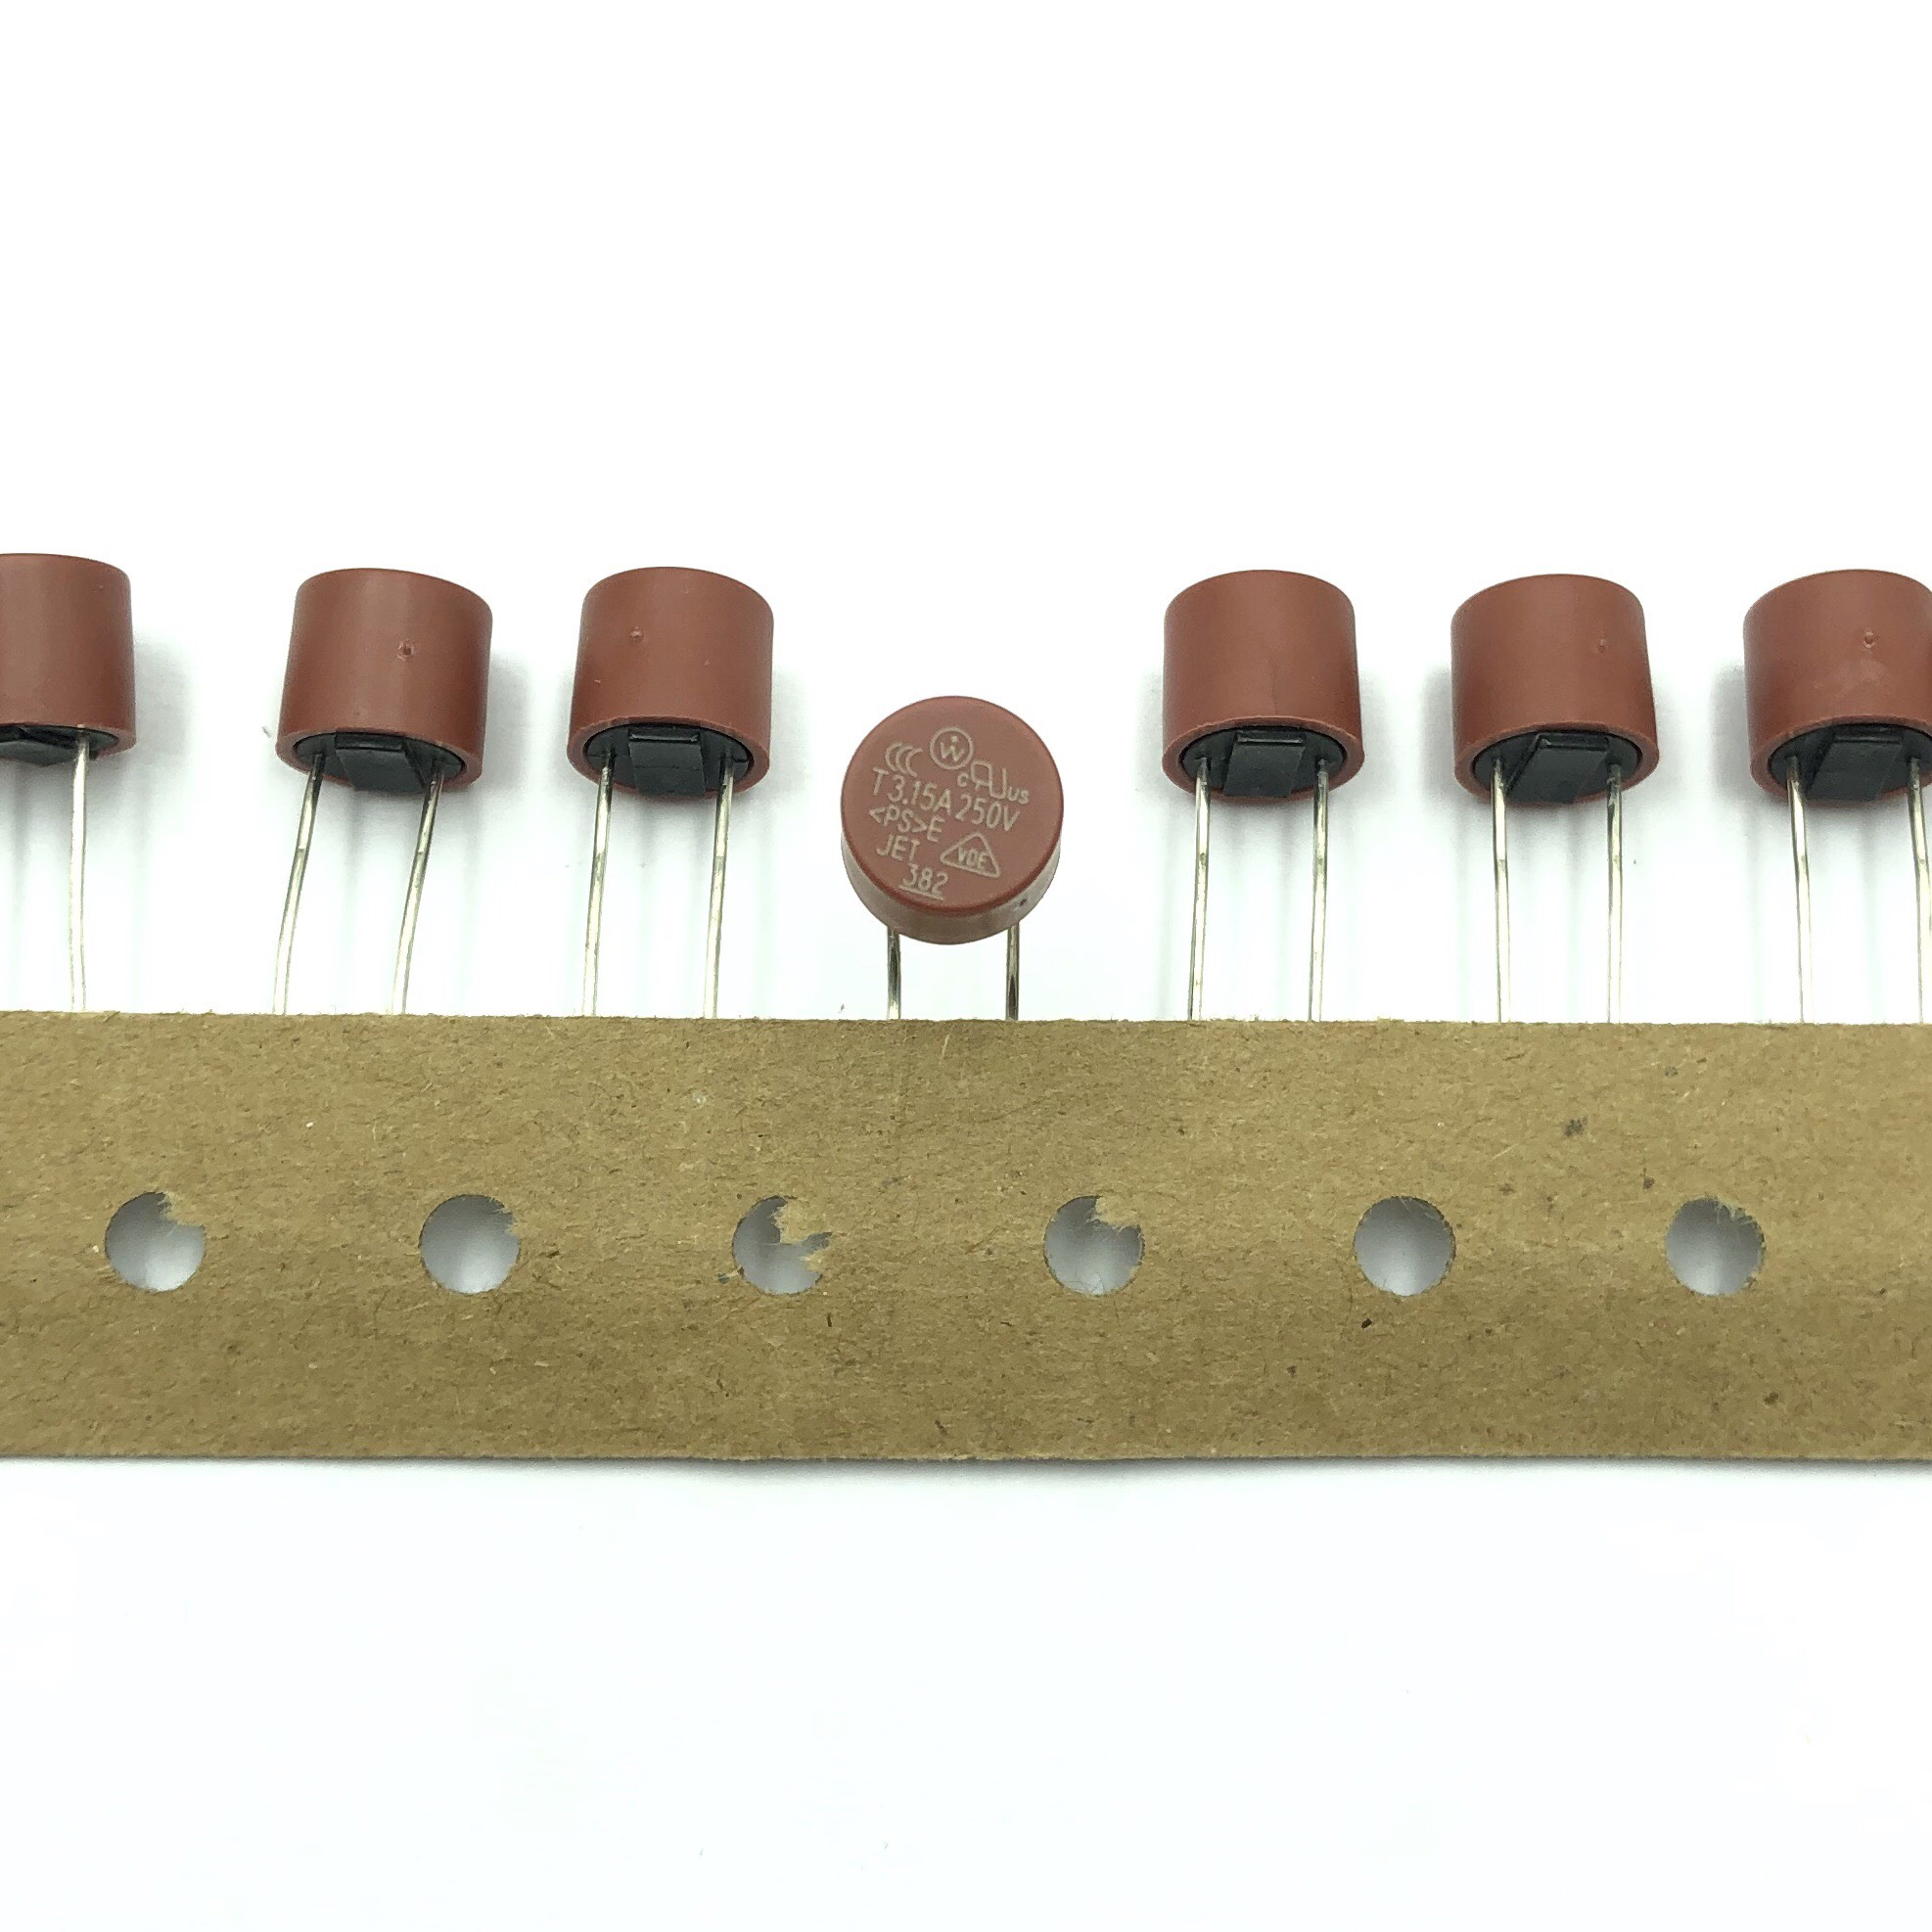 Cầu chì trụ tròn 8x8 3.15A 250V T3.15A - I8H24